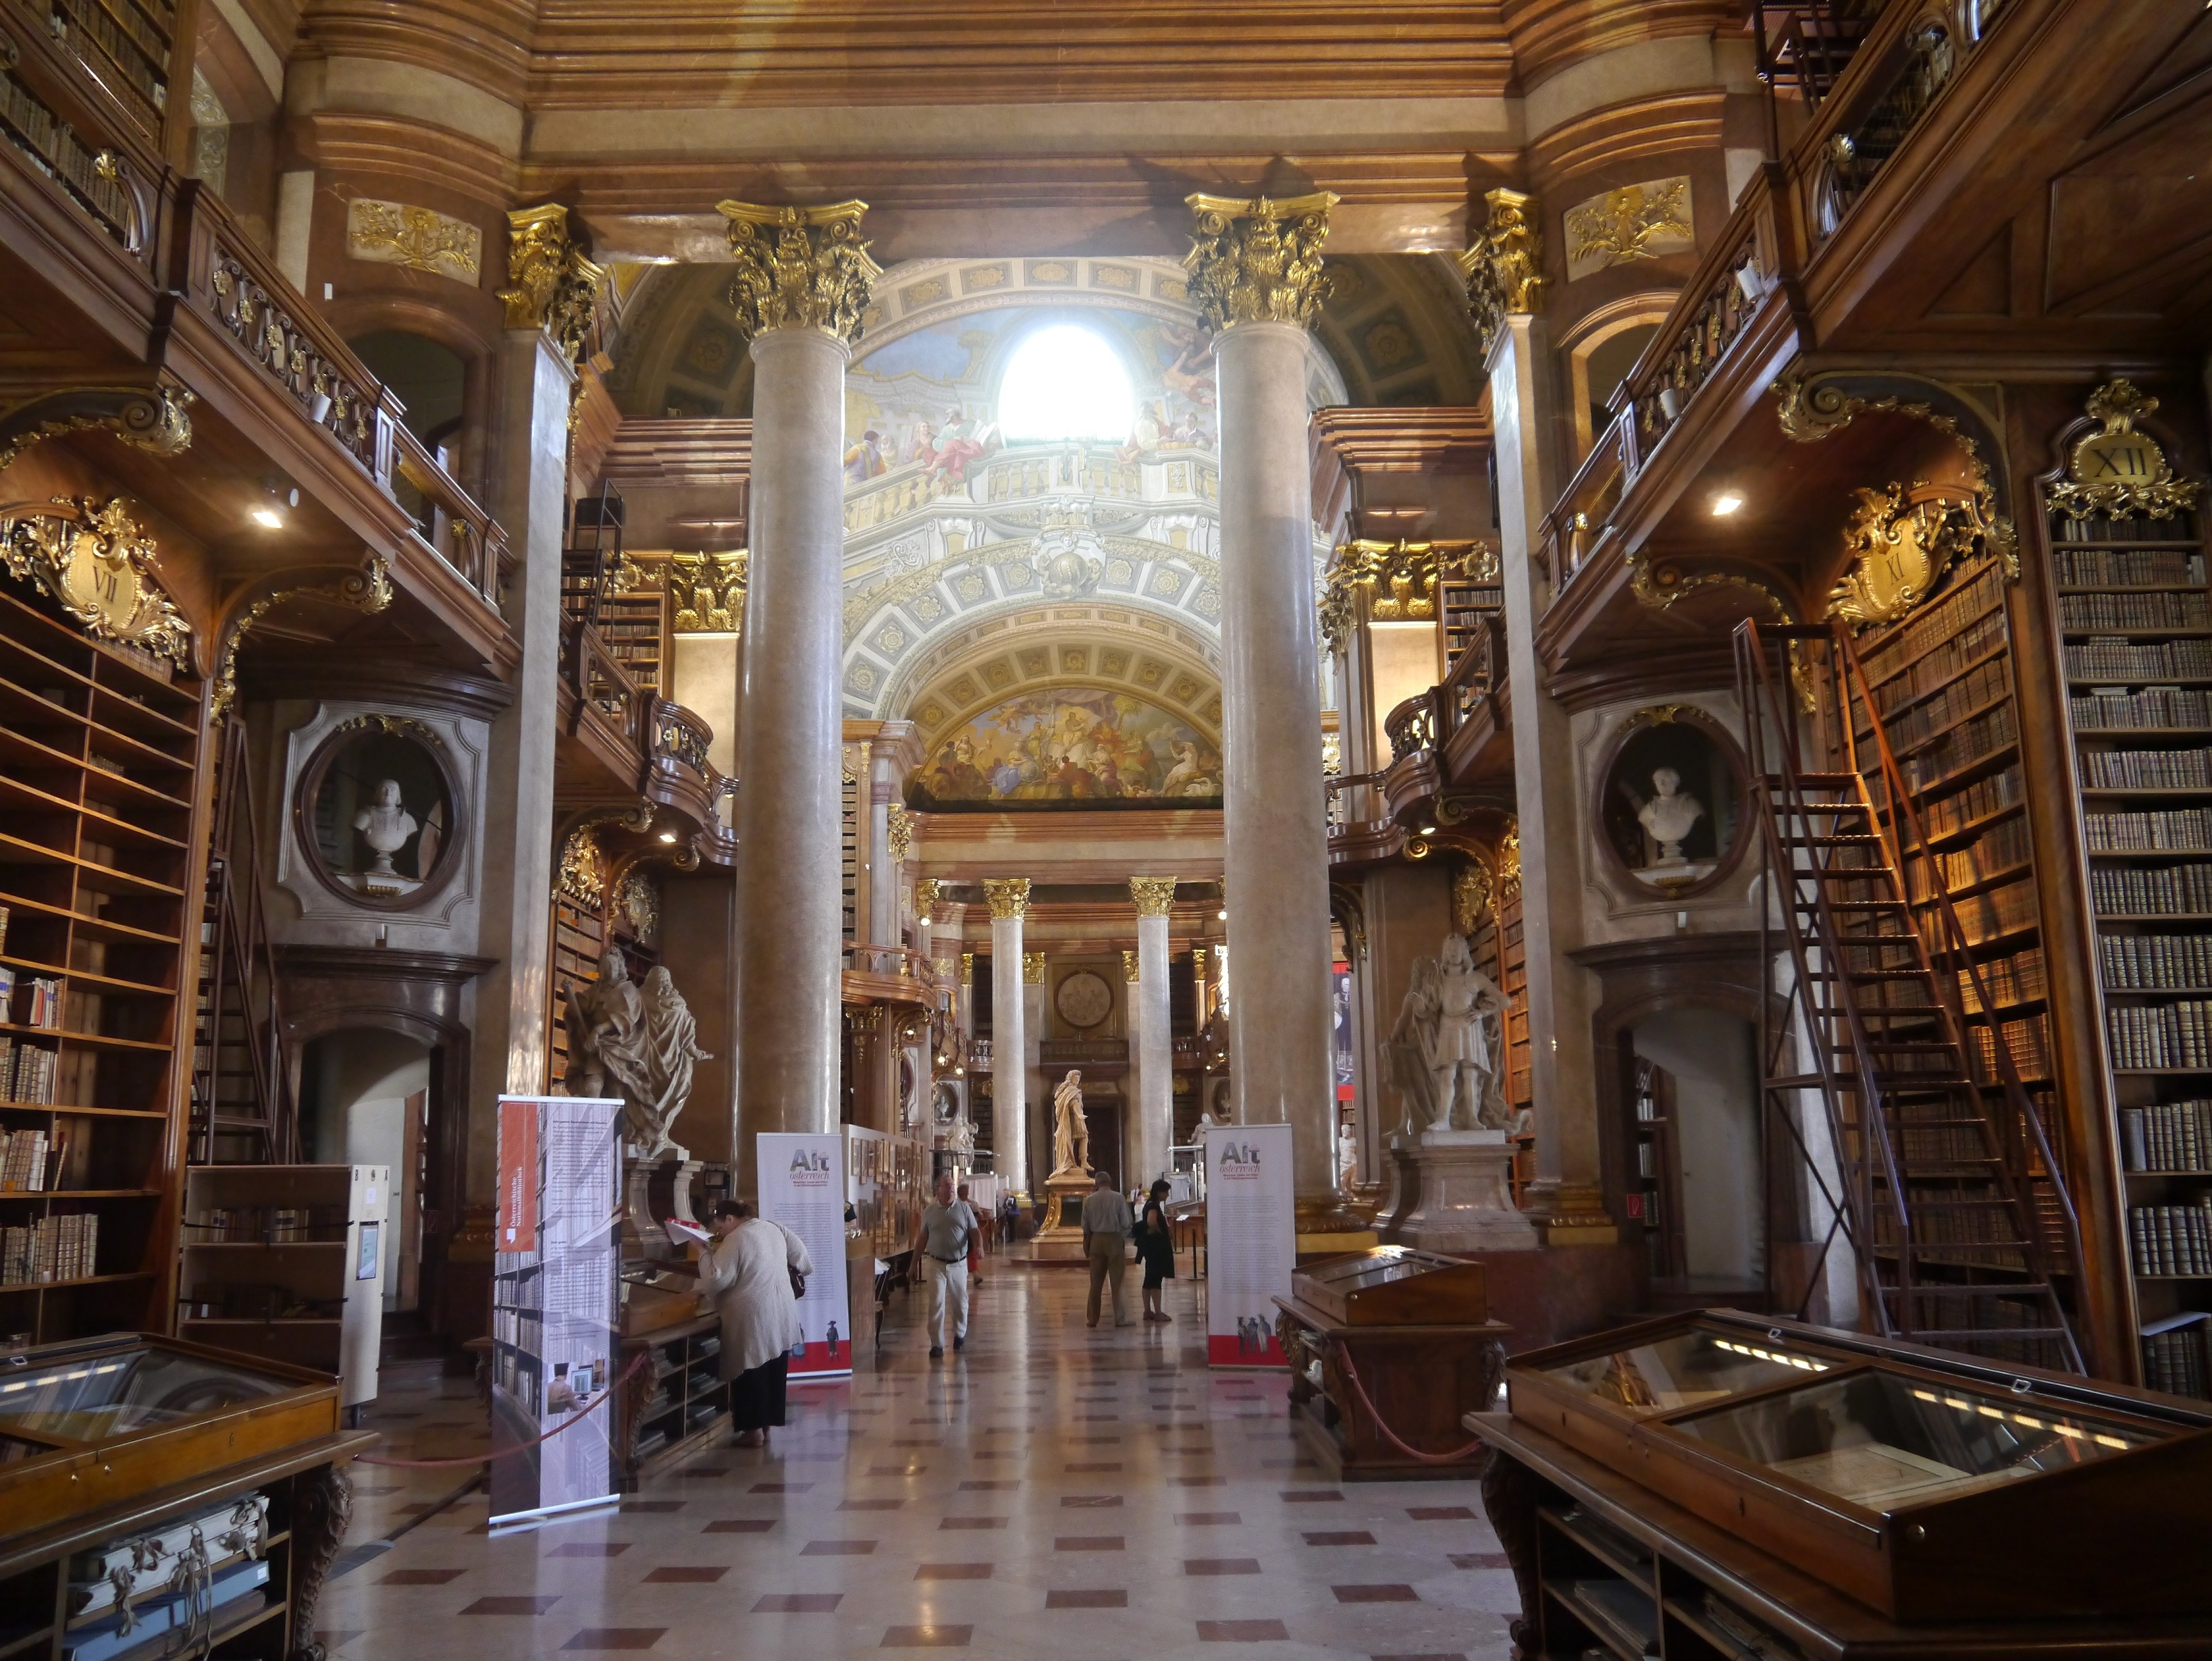 Государственный зал Австрийской национальной библиотеки. Вена, Австрия. Источник https://upload.wikimedia.org/